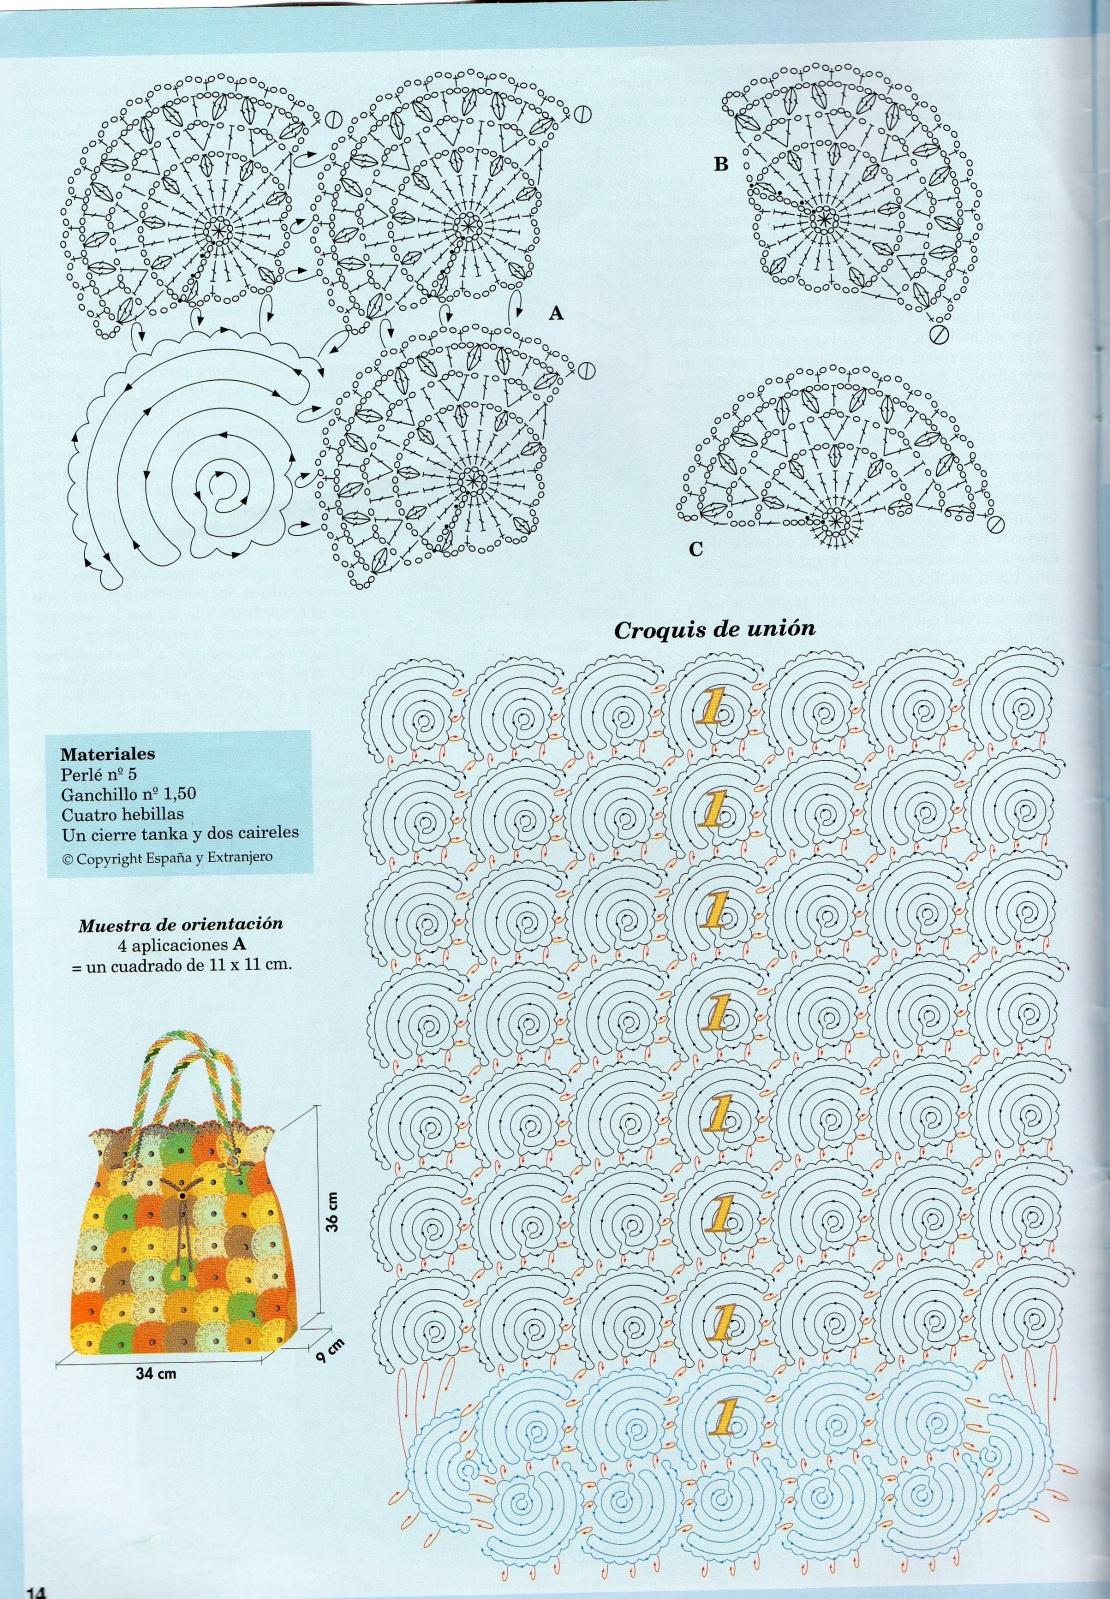 patrones de bolsos Wl40te